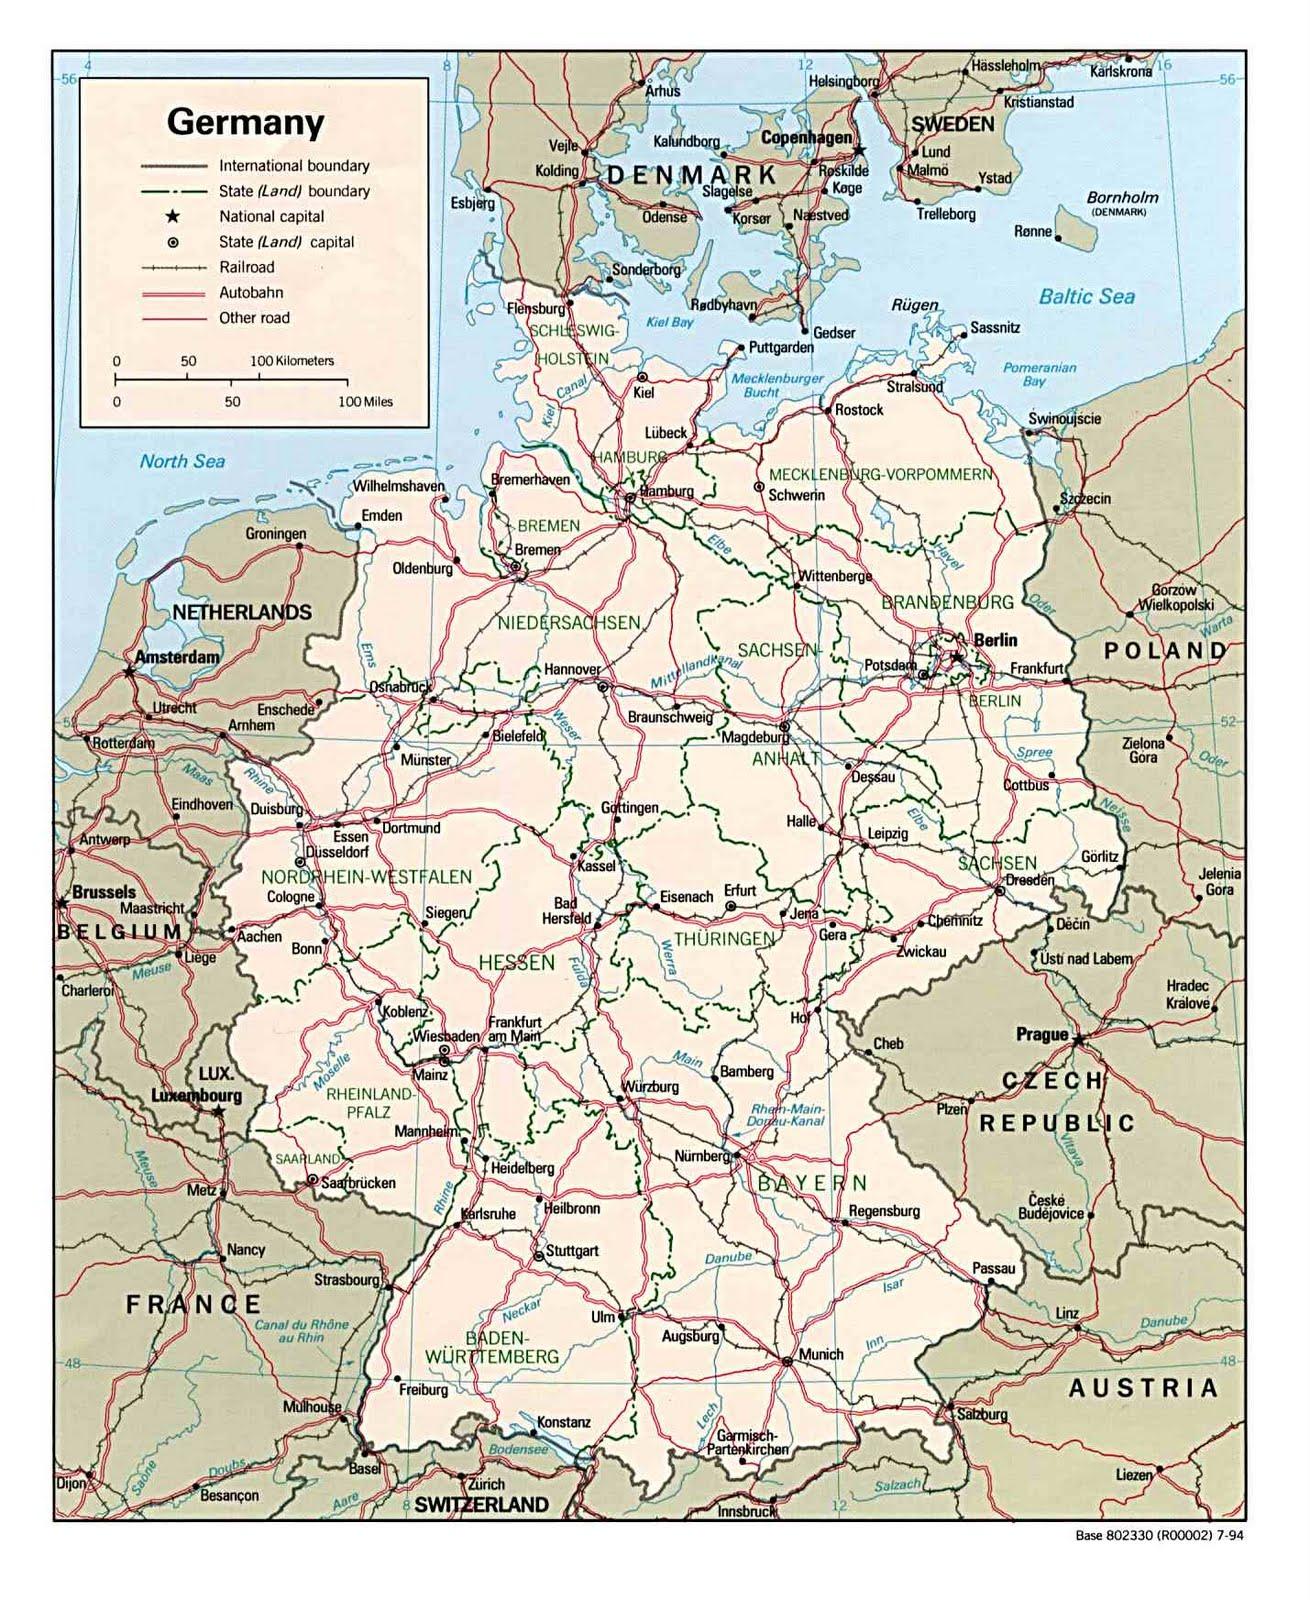 Kaart Duitsland En Bondslanden Kaart Topografie Duitsland En Berlijn